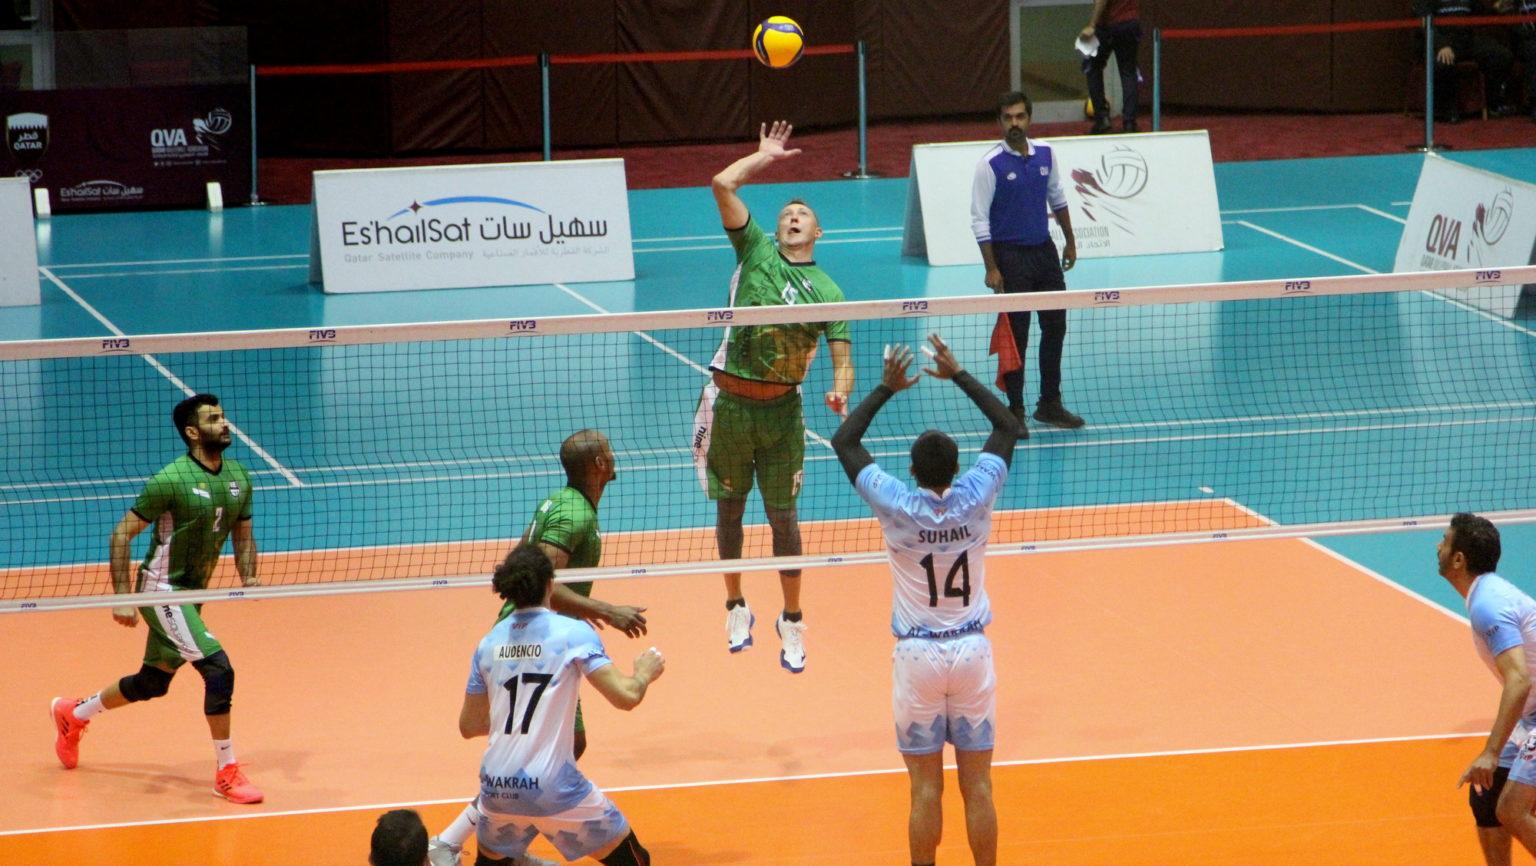 POLICE, AL-ARABI, AL-RAYYAN, AL-AHLI THROUGH TO 2021 QATAR'S AMIR CUP SEMIFINALS